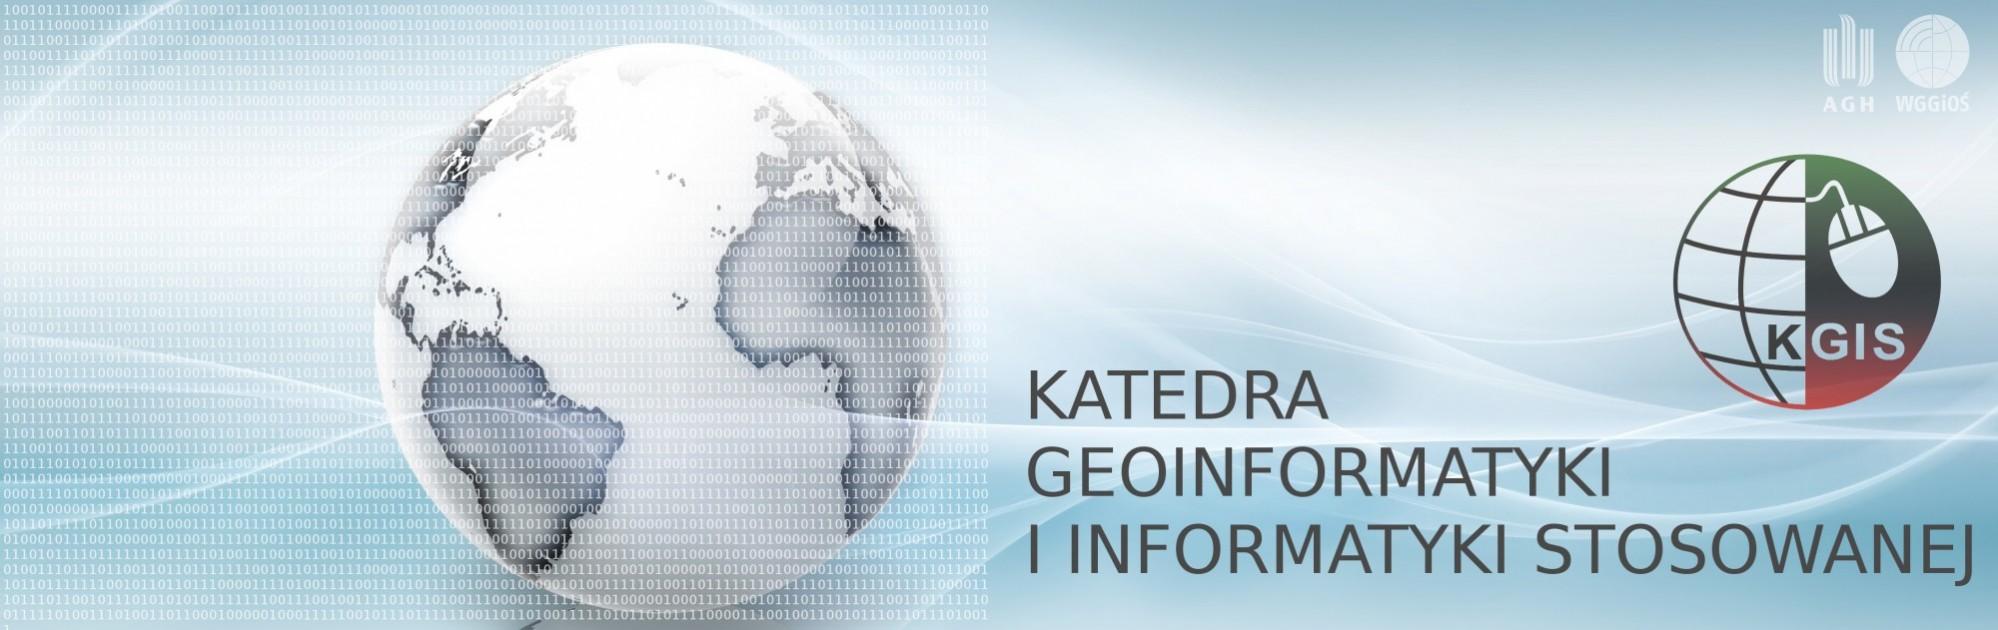 Katedra Geoinformatyki i Informatyki Stosowanej